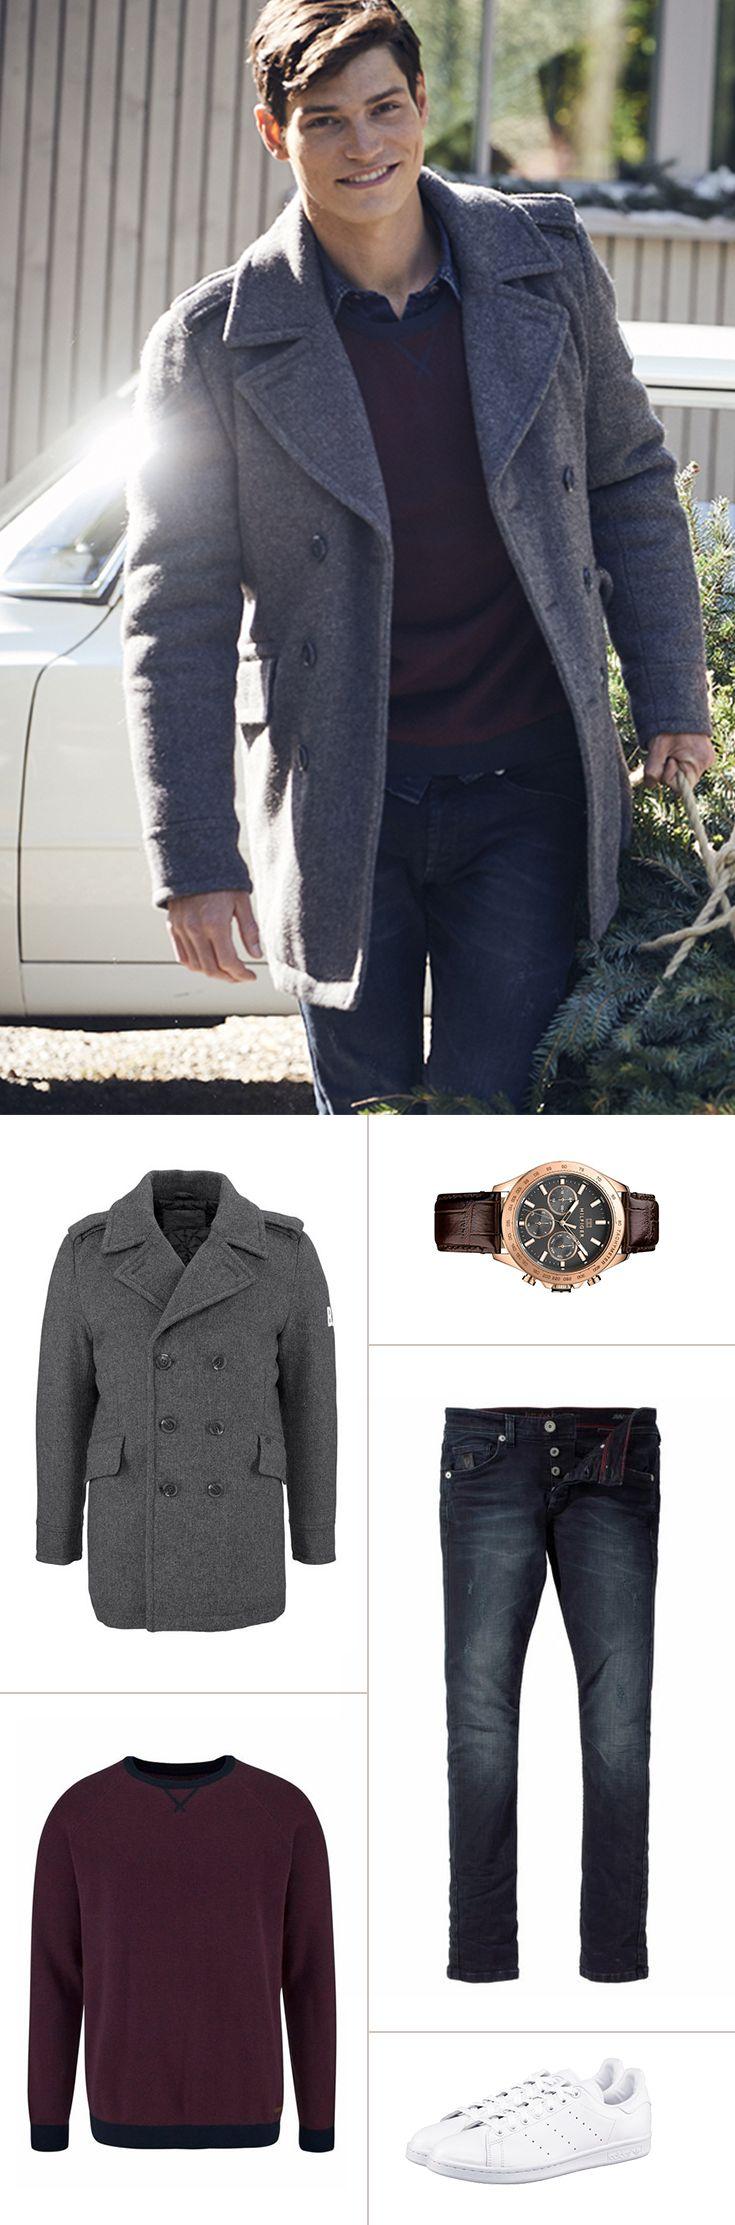 Das elegant-schicke Outfit für die kalten Tage. Zum warmen Strickpulli mit Kontrastbündchen kombinierst du am besten eine Slim-Fit-Jeans und setzt auf die Multifunktionsuhr mit Lederarmband im edlen rosegold. Die Cabanjacke setzt einen harmonischen Abschluss.